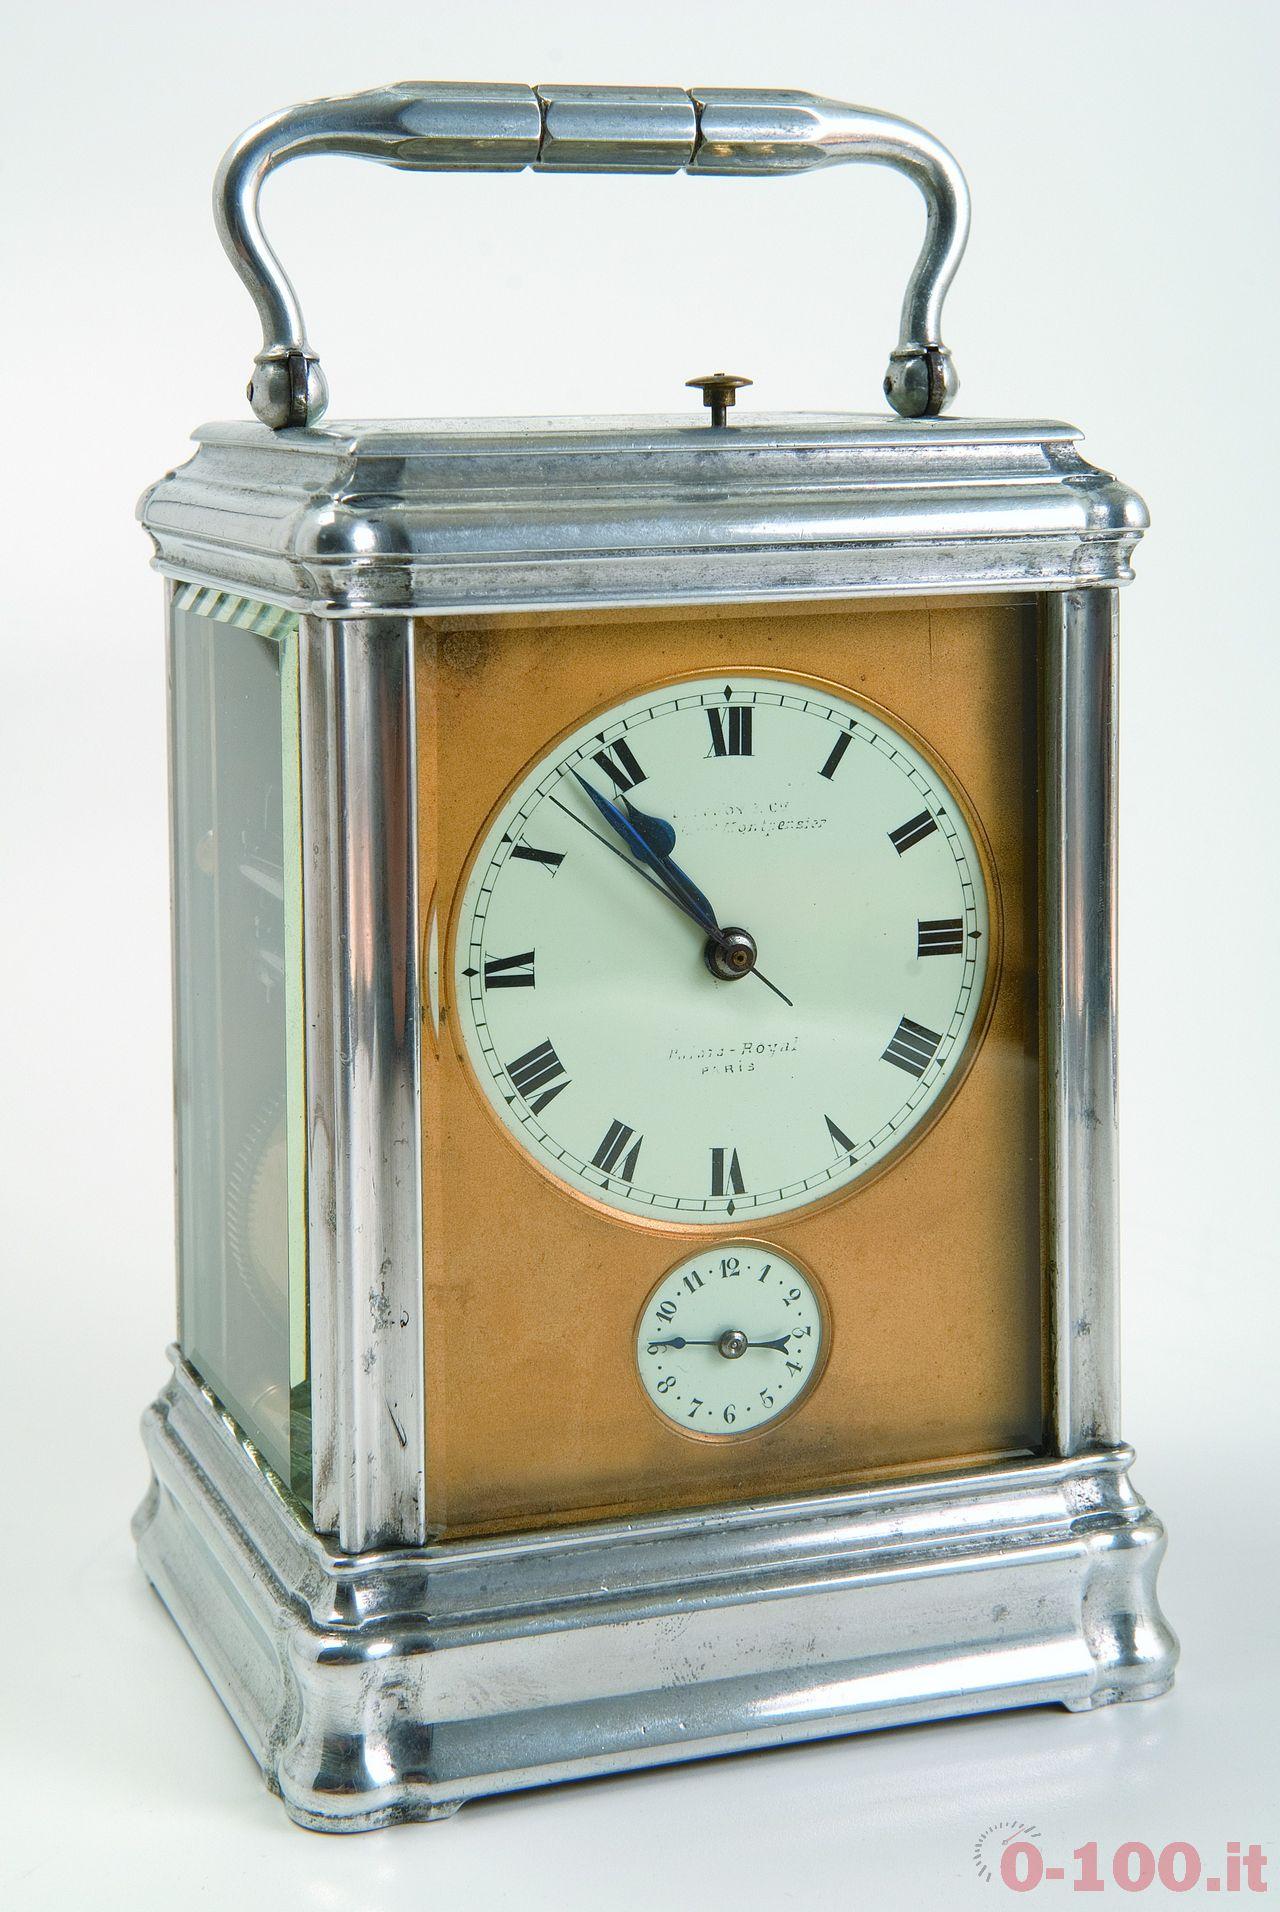 watch-2015-leroy-chronometre-observatoire-piece-unique-watch_0-1001